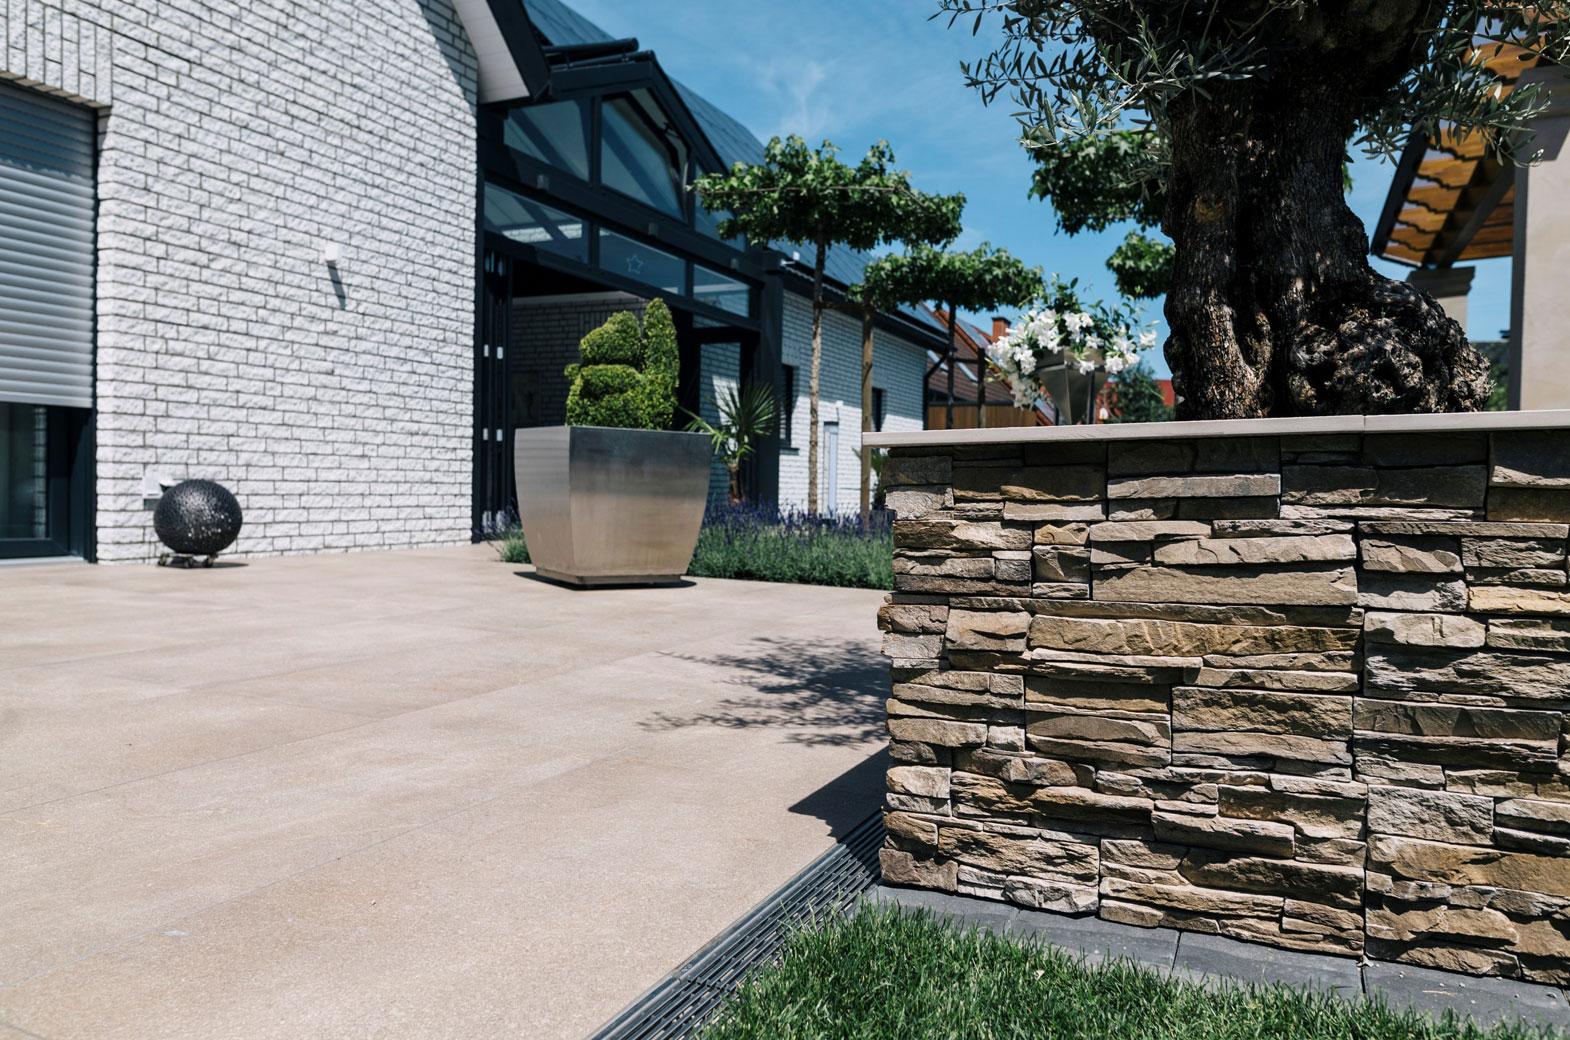 Terrasse mit großen Platten aus Keramik